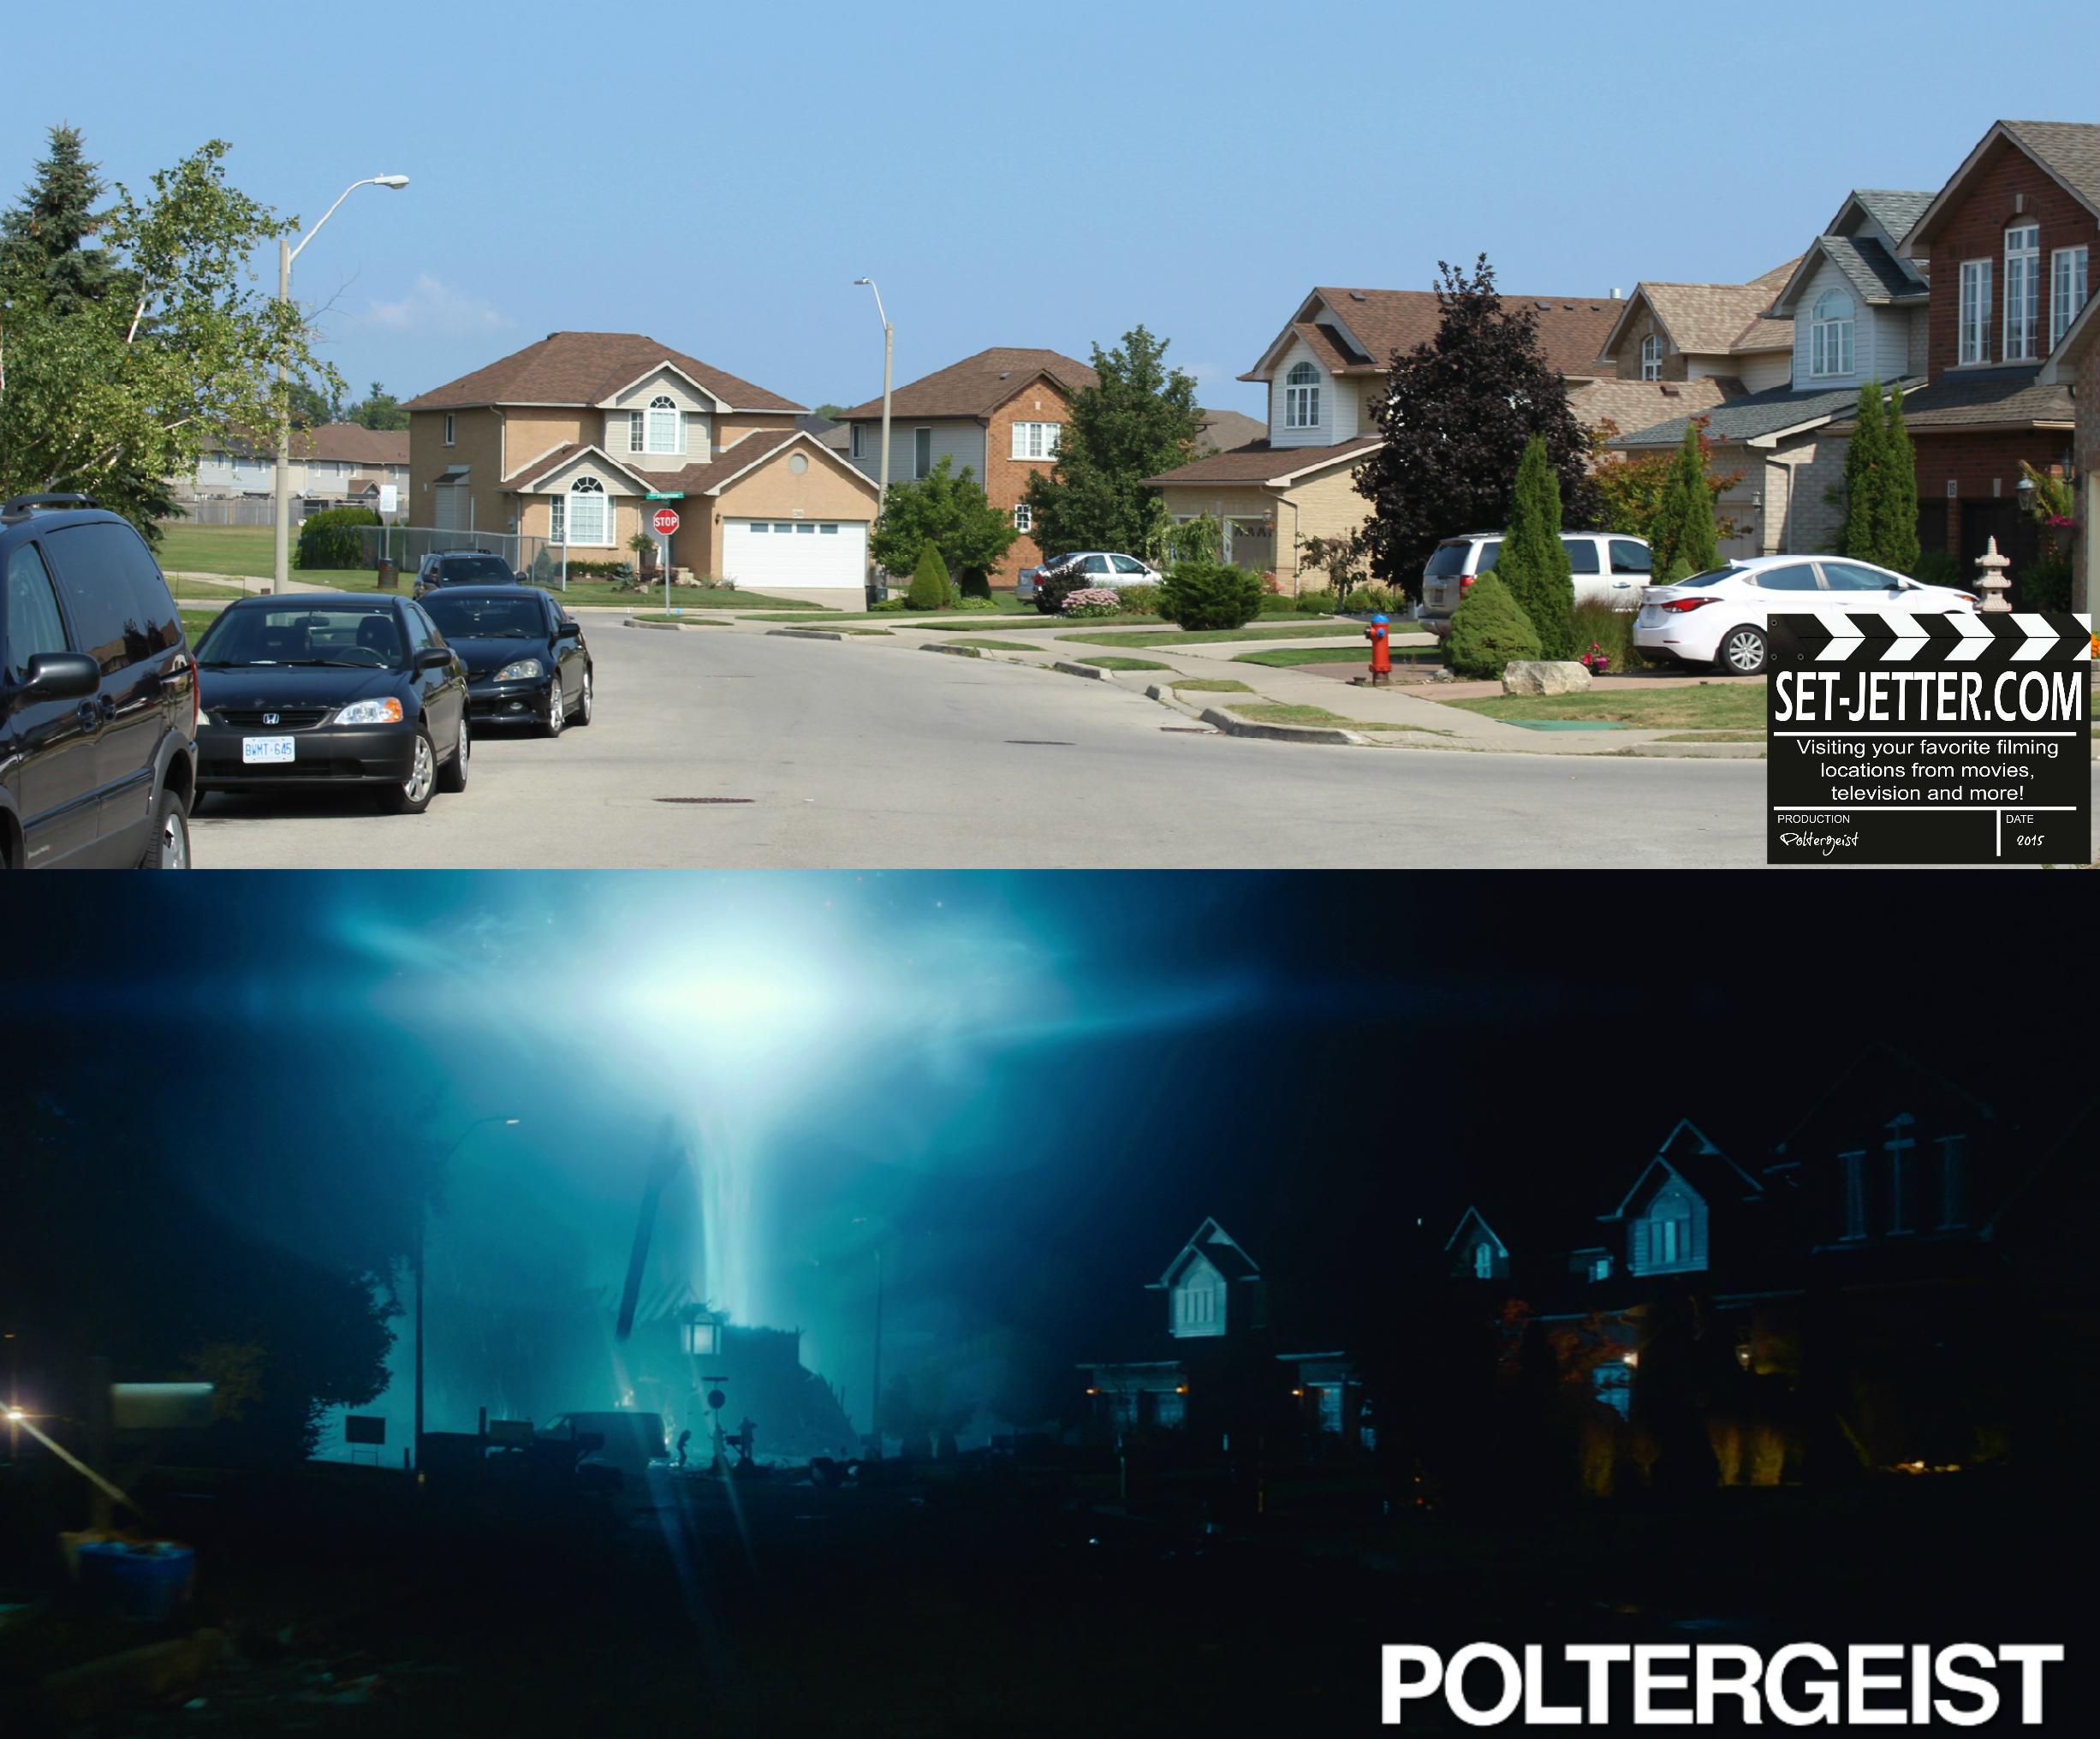 Poltergeist comparison 124.jpg